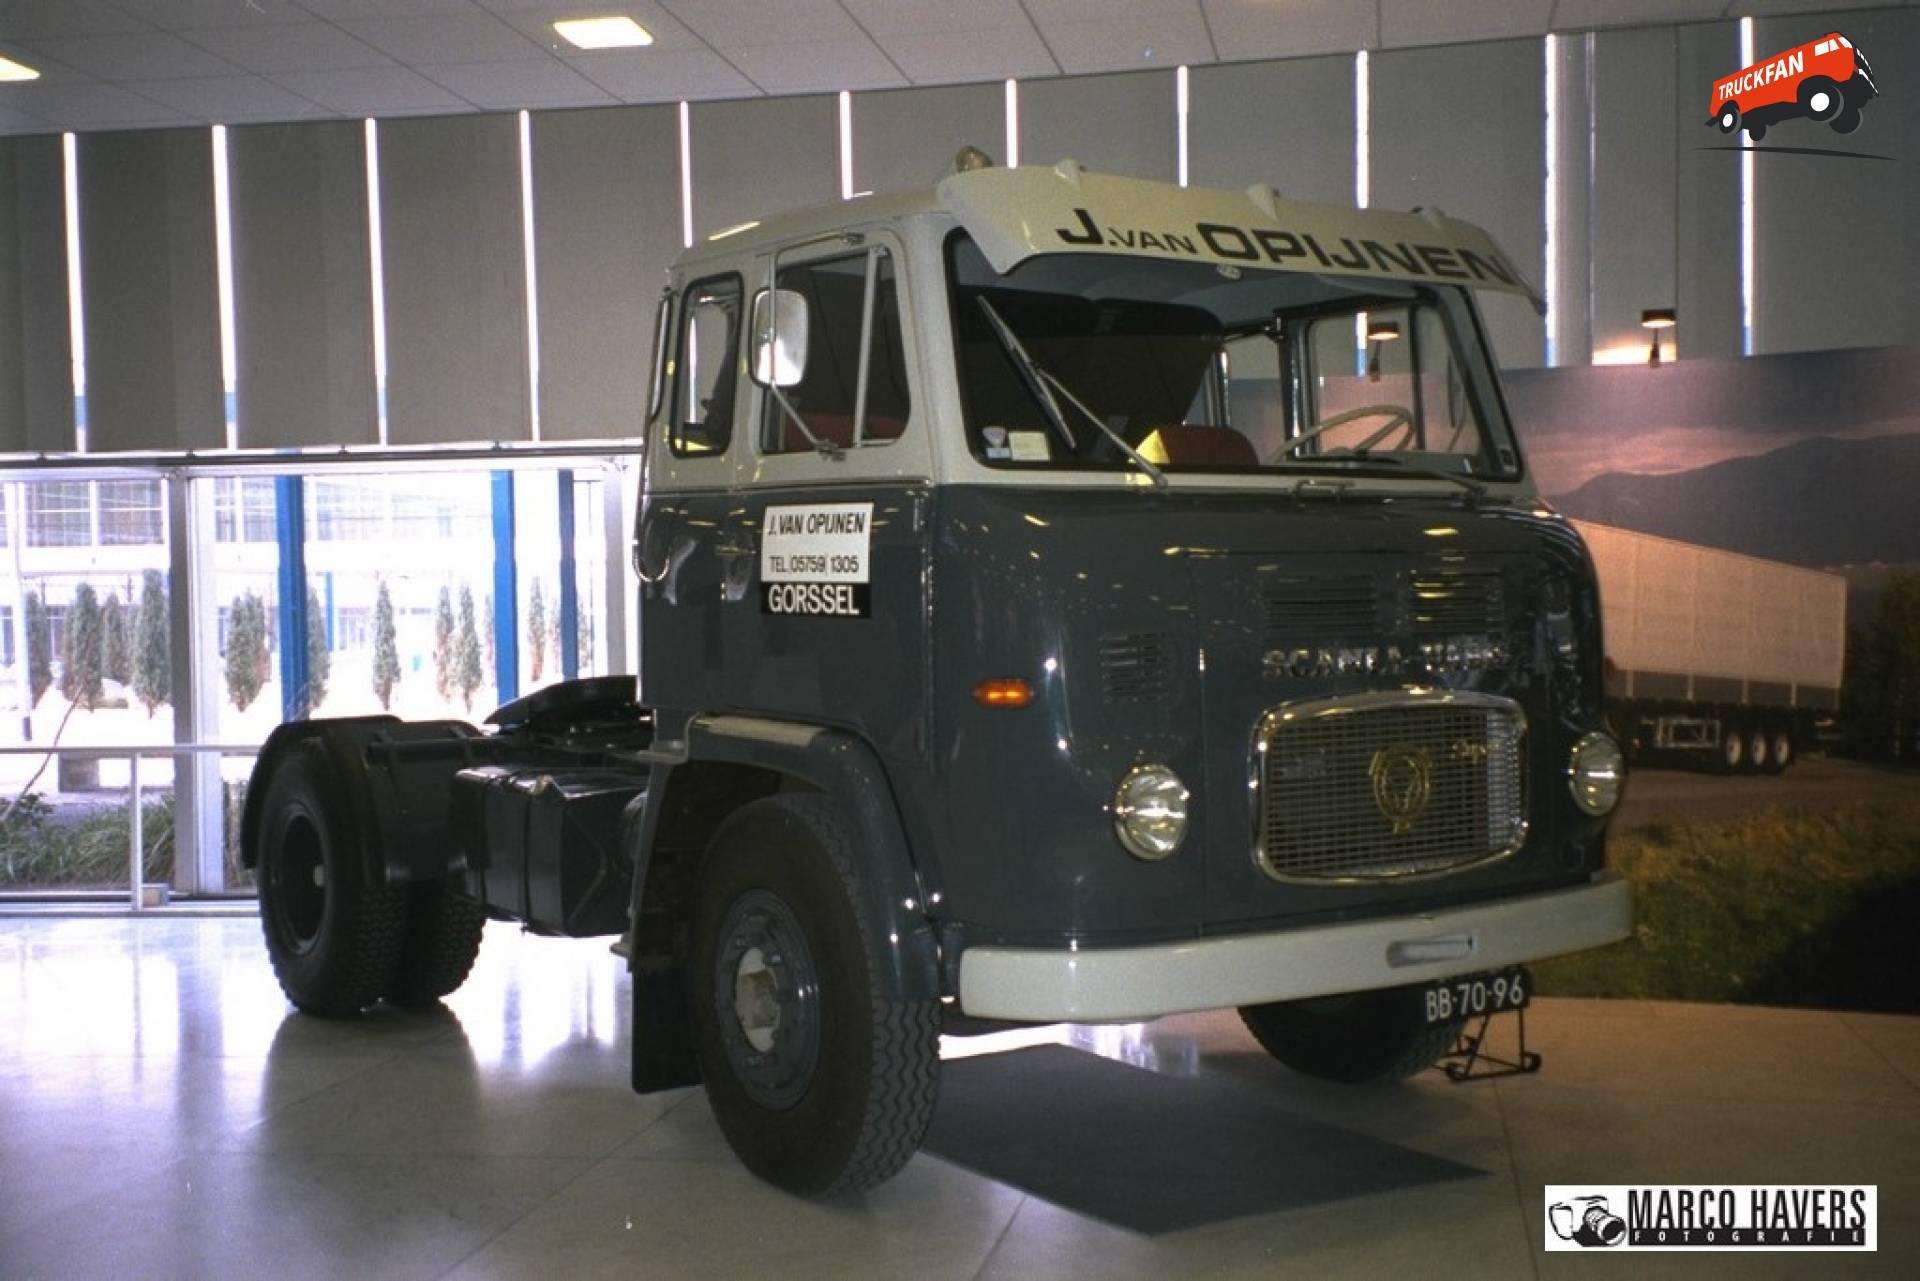 Scania-Vabis LB76